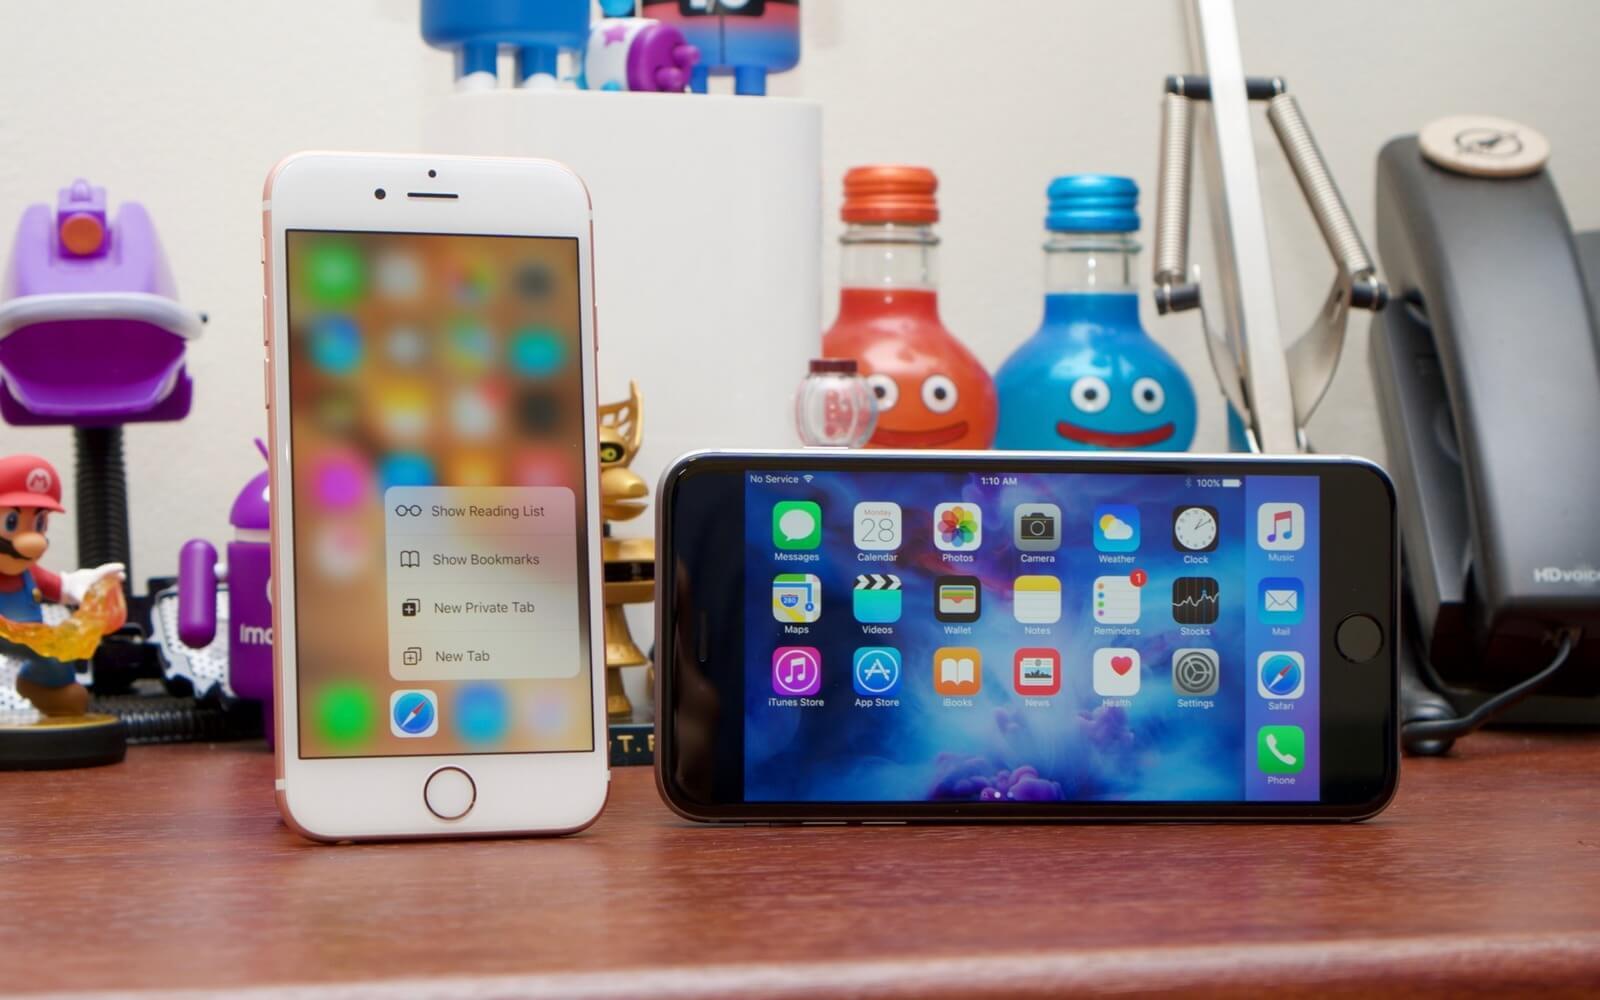 Как изменилось быстродействие iPhone 6s и iPhone 7 на iOS 12 beta 6